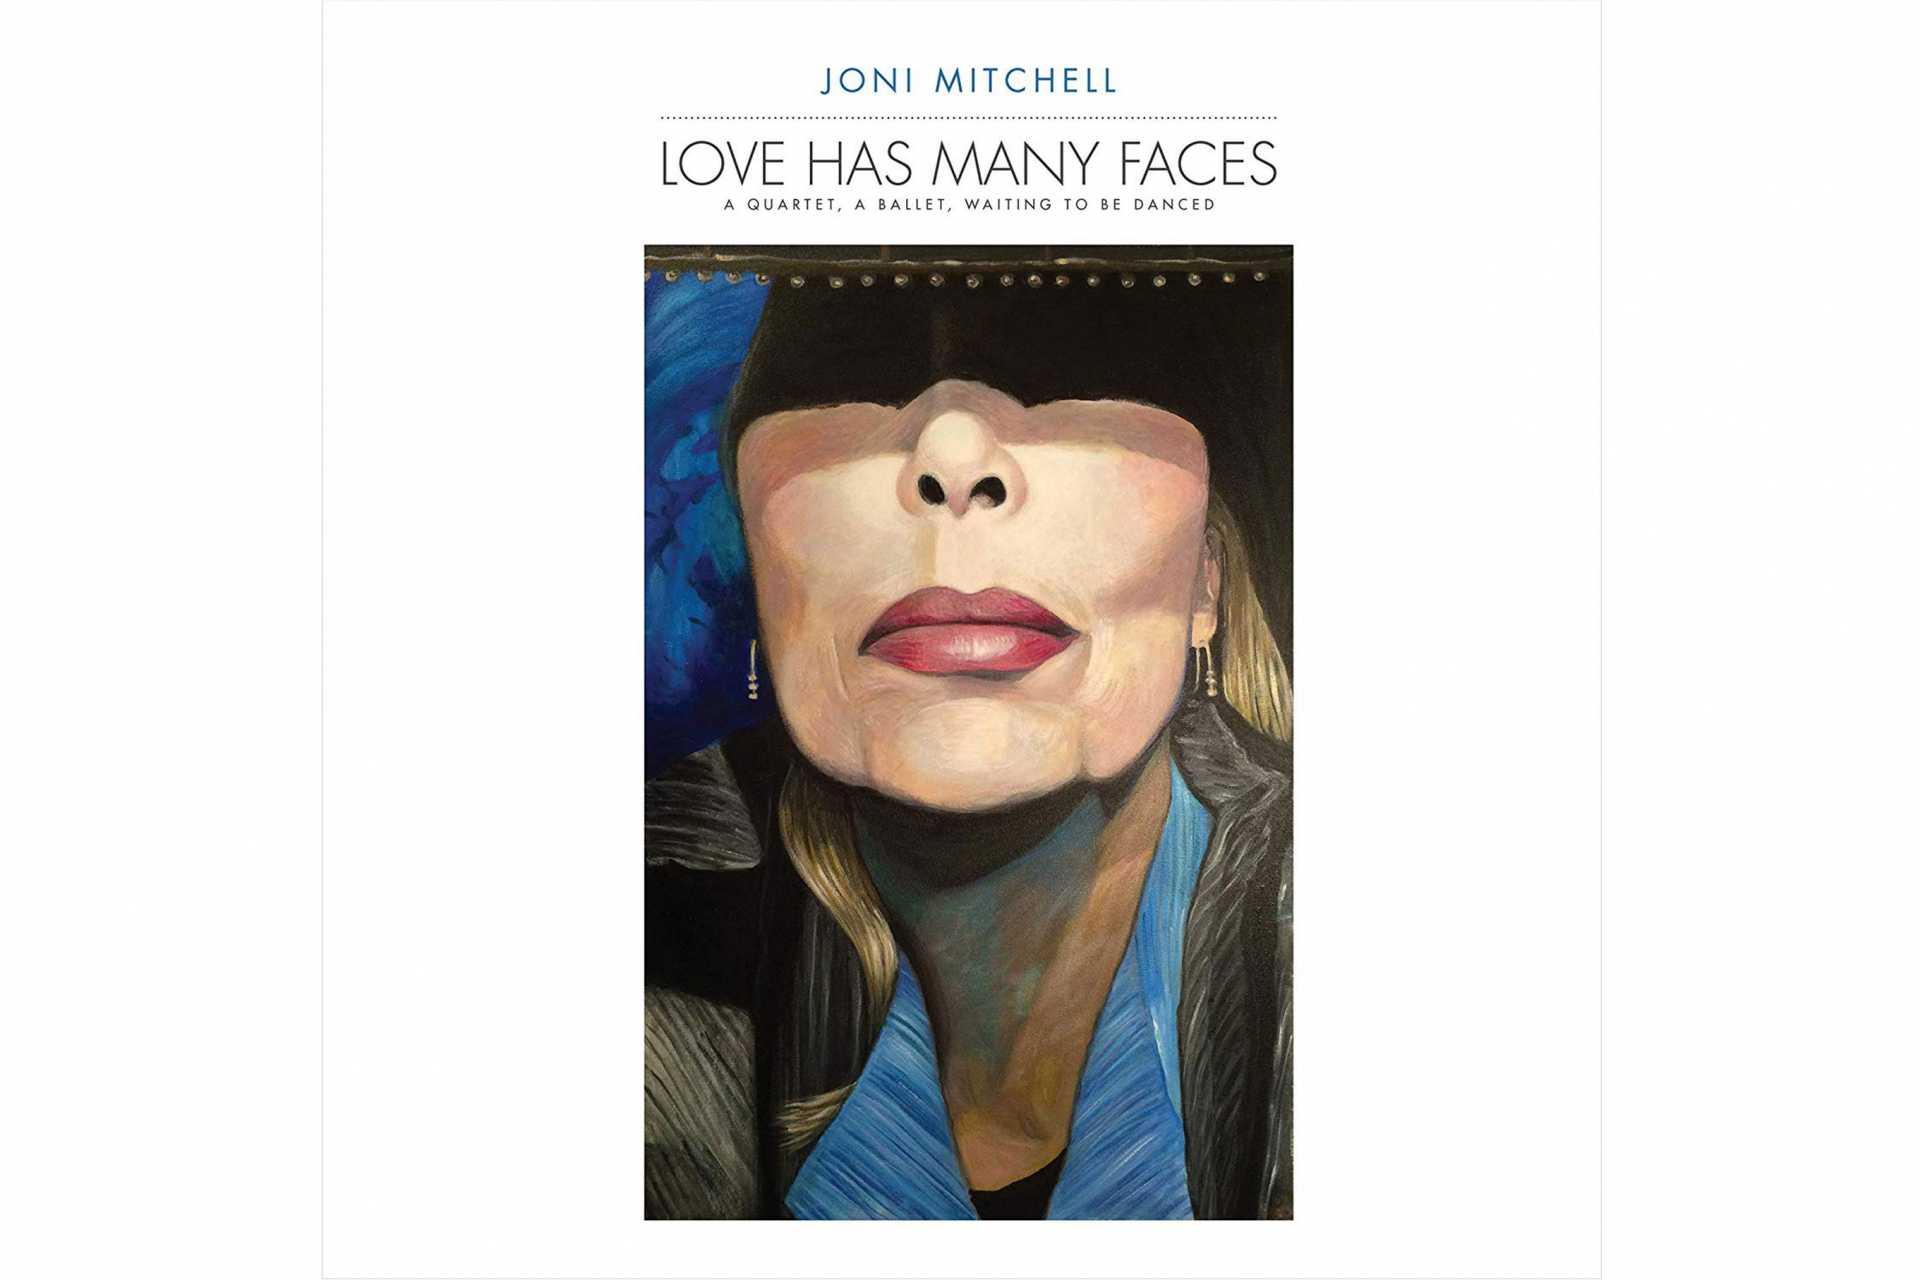 ジョニ・ミッチェルの『Love Has Many Faces』がアナログ盤ボックスセットでリリース